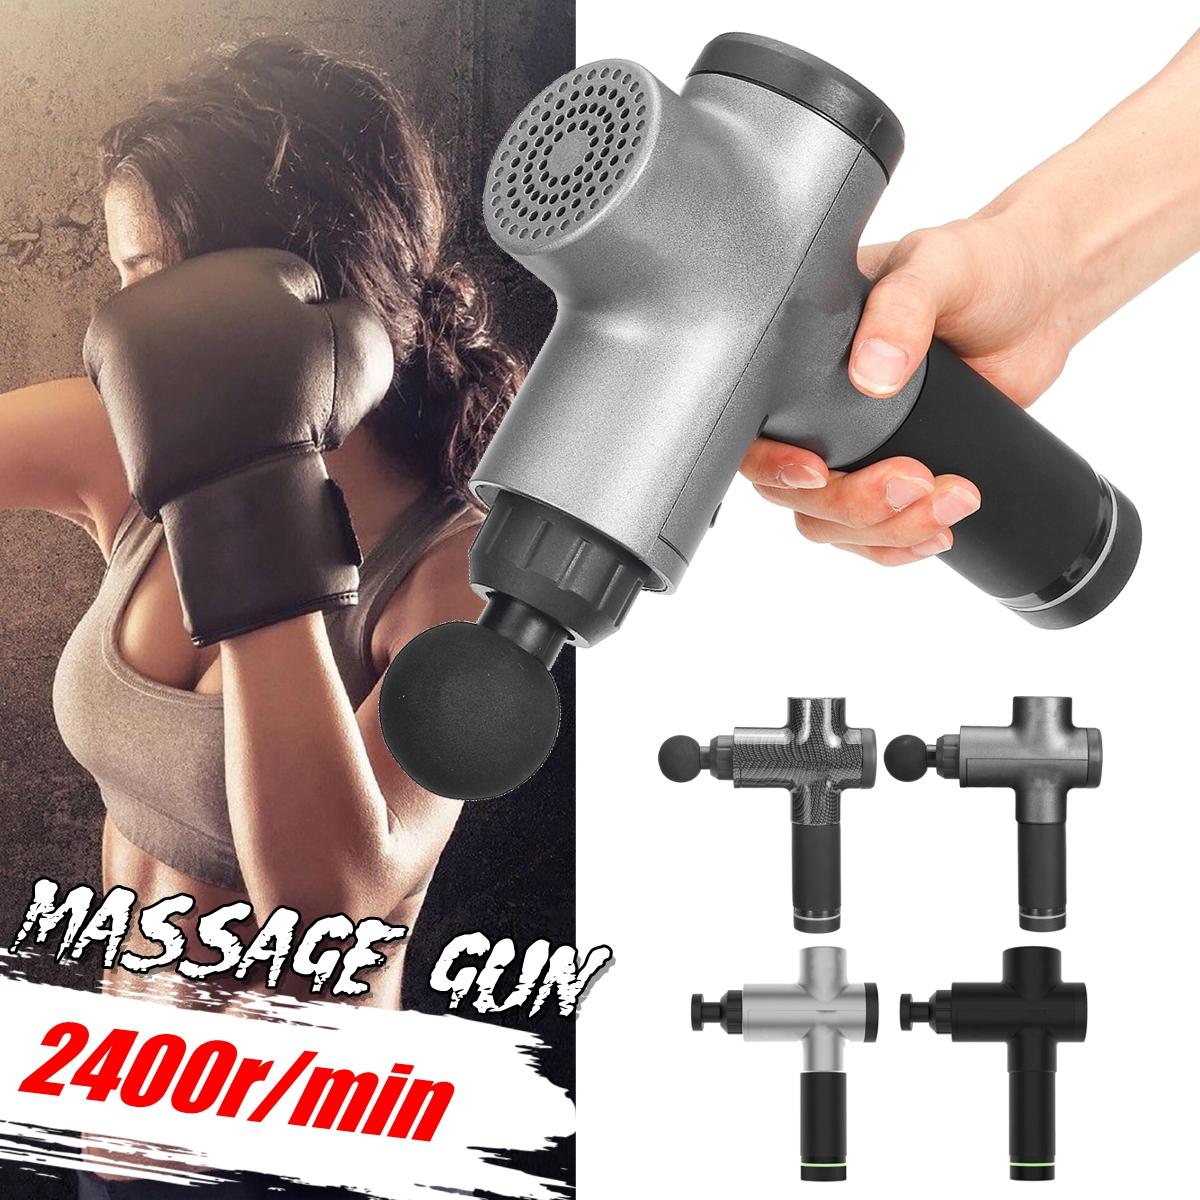 1500 мАч мышечной релаксации 3 скорости электрический массажер ударный массаж глубокий массажер ткани беспроводное устро - фото 1